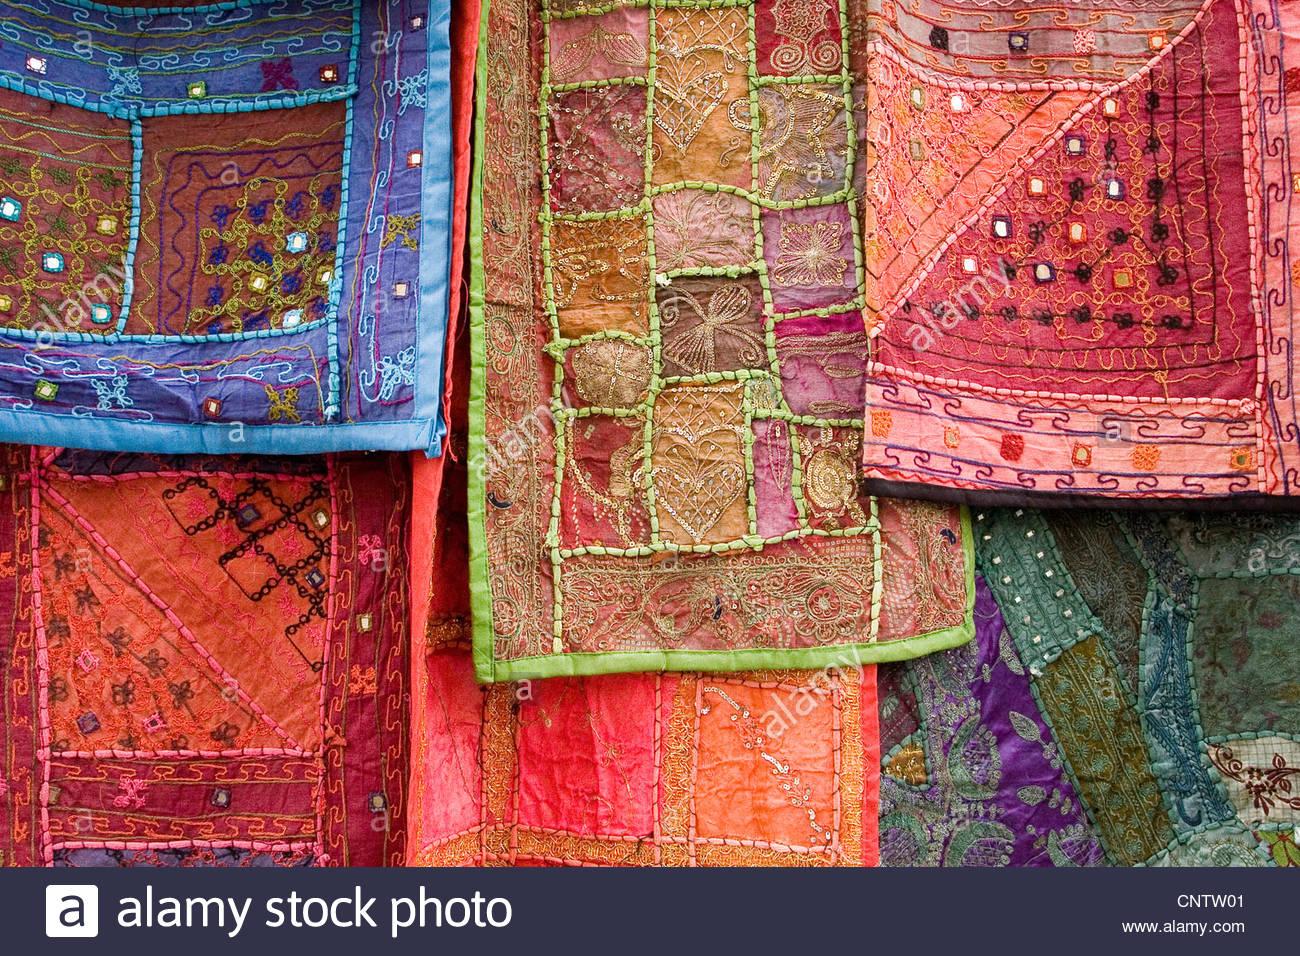 Tapices ornamentados colgando juntos Imagen De Stock